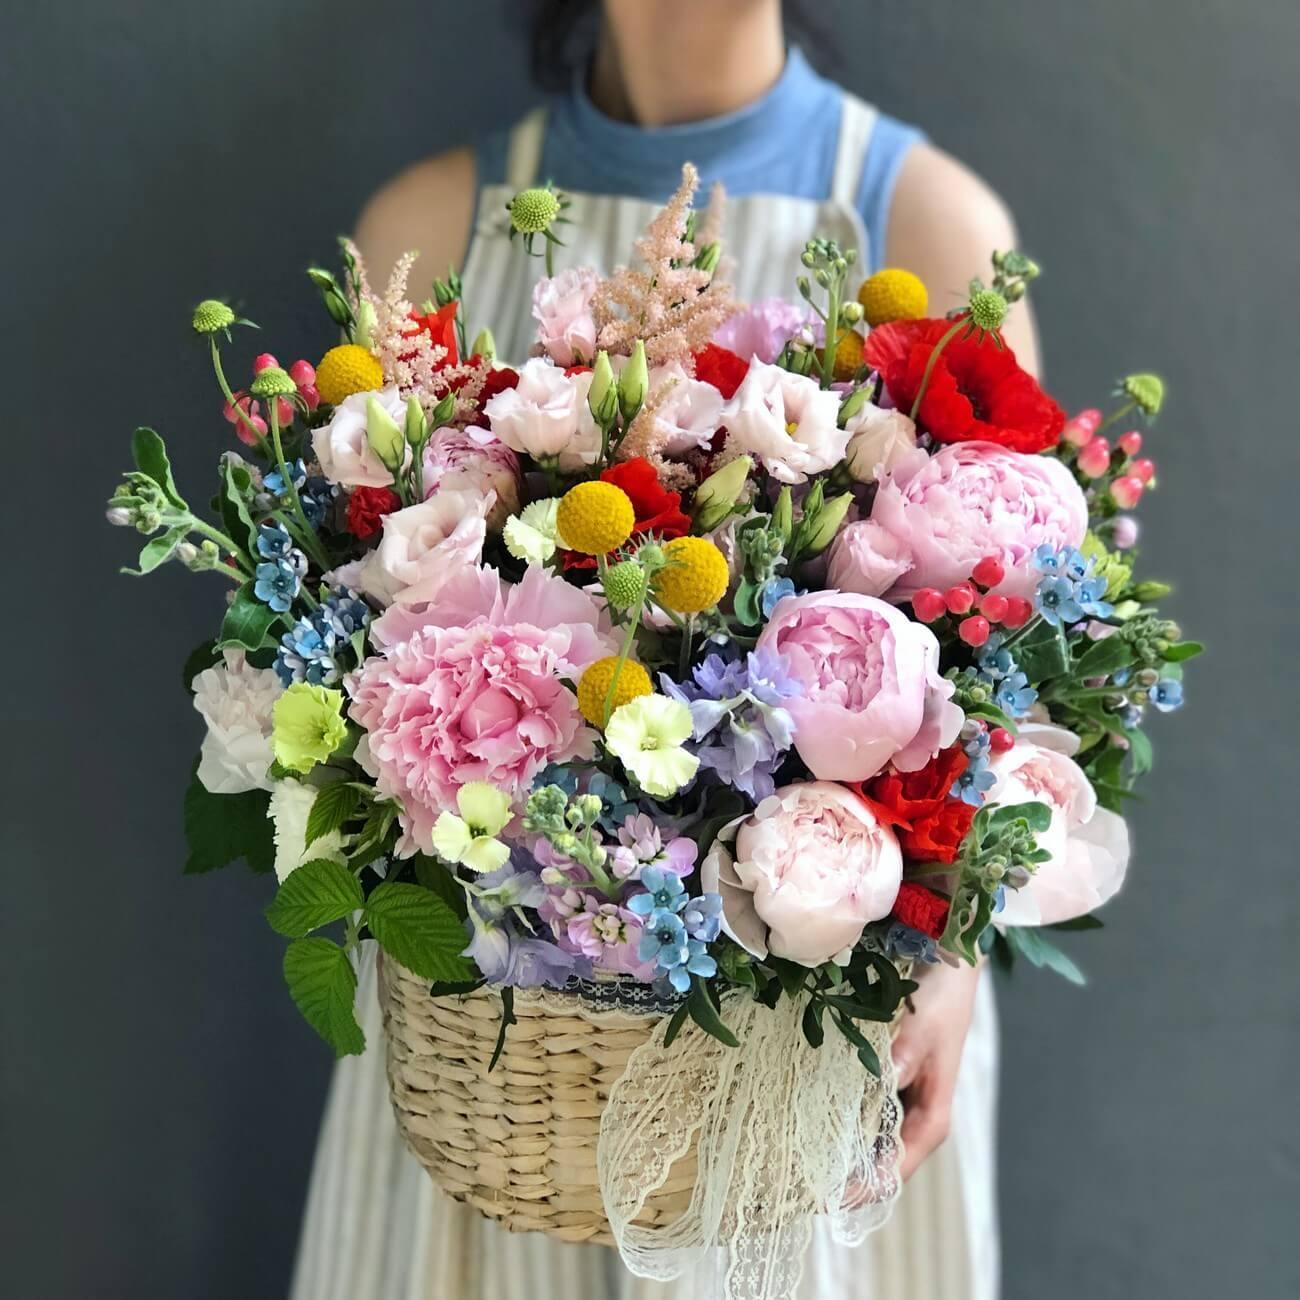 Невесты свежесть, доставка цветов по львов украине и миру